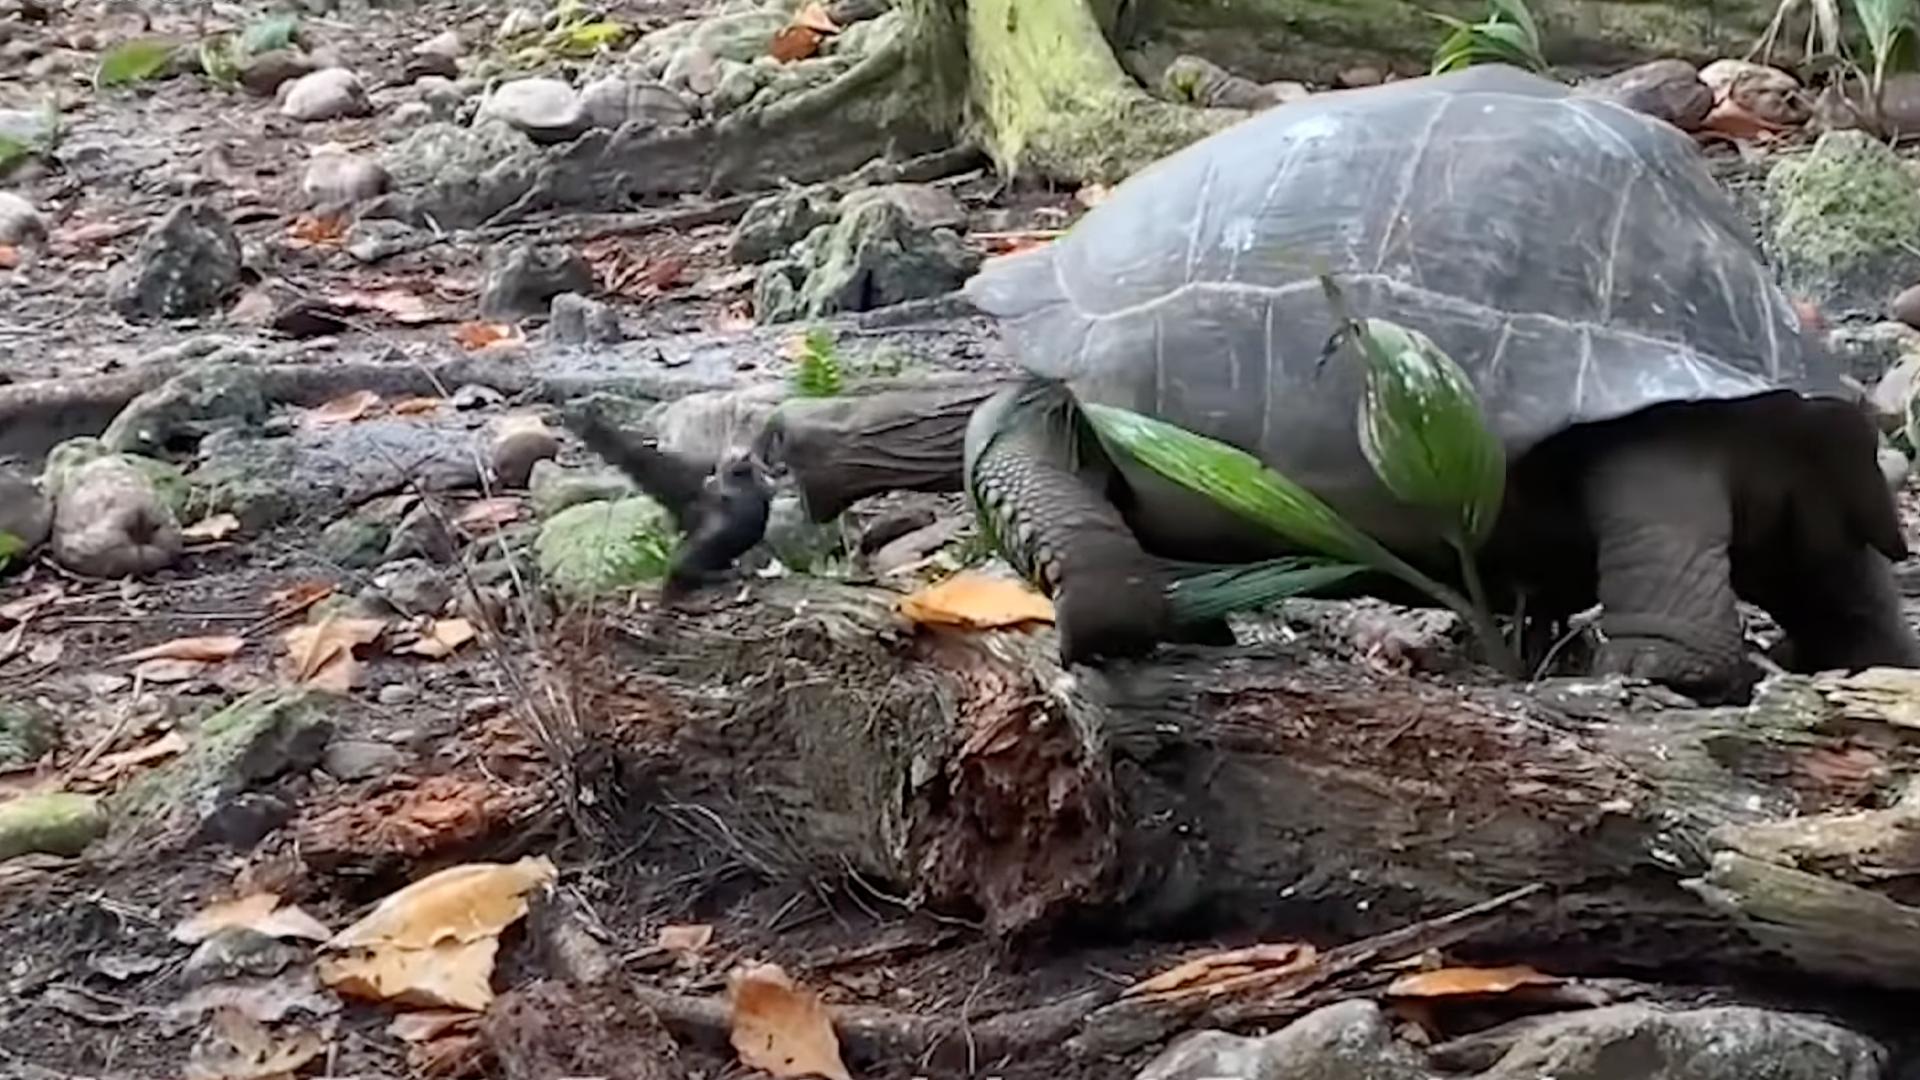 Úgy volt, hogy az óriásteknősök növényevők, míg valaki videóra vett egyet, ahogy megeszik egy kismadarat